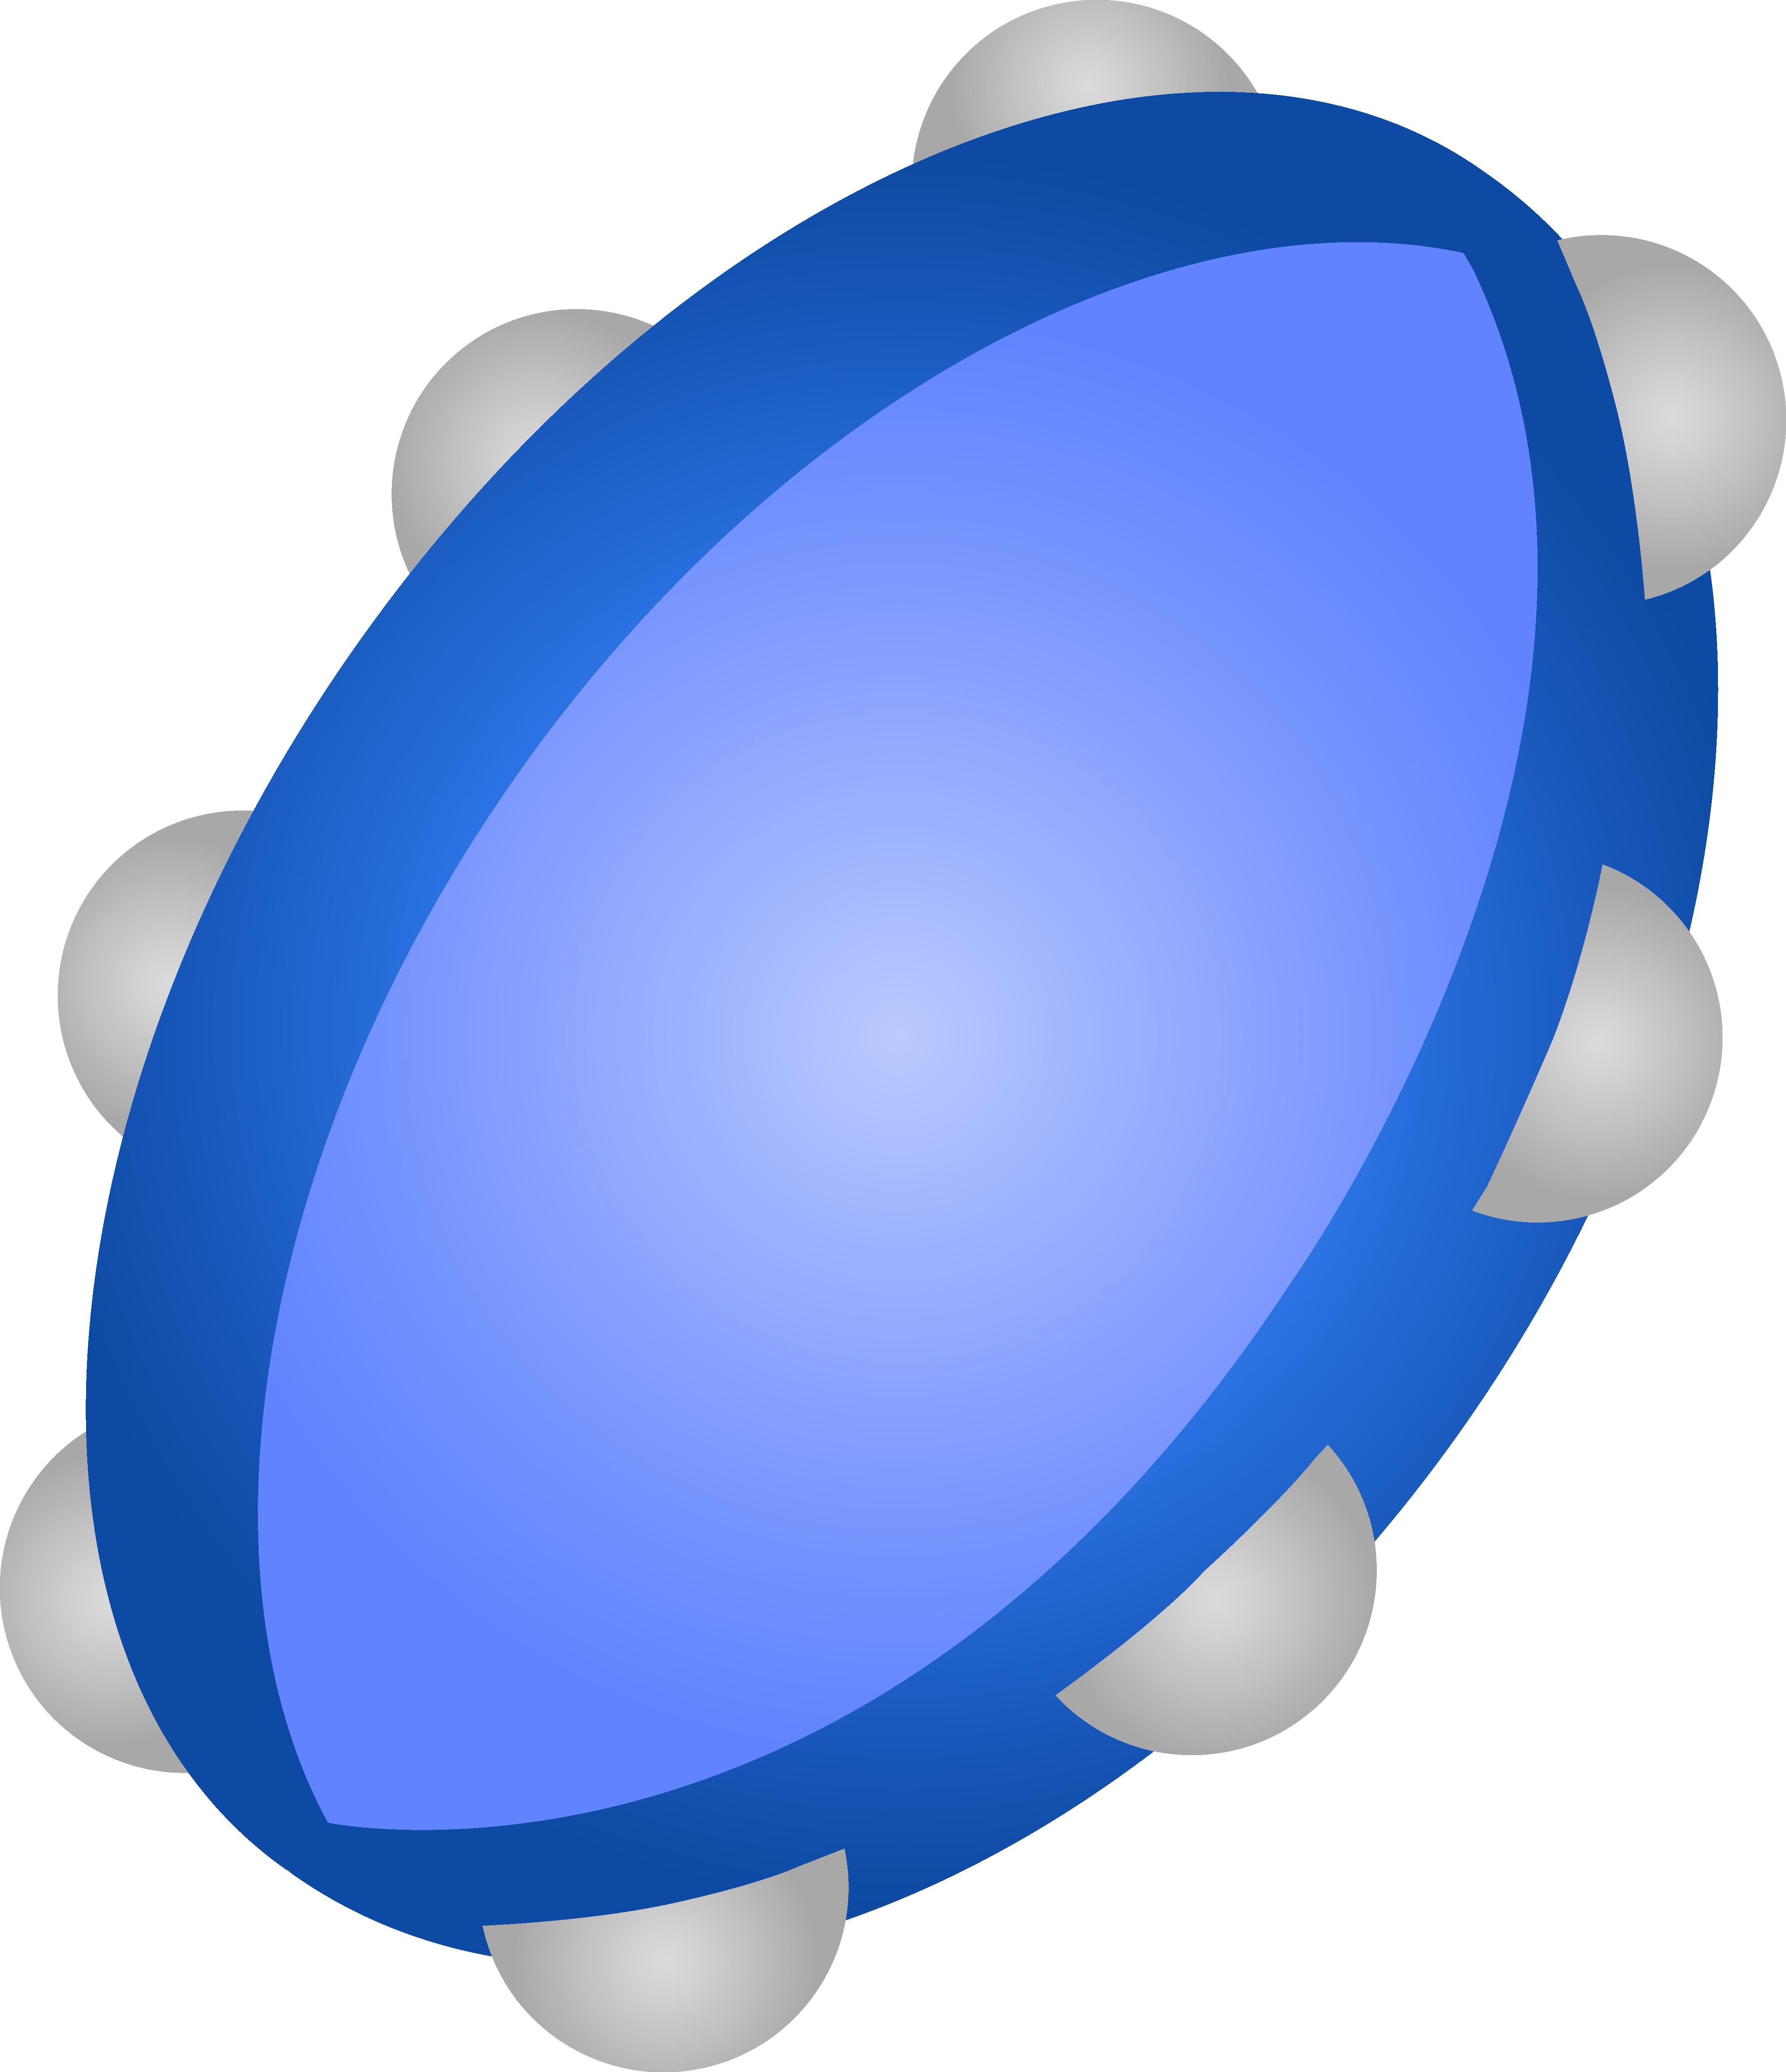 Blue Tambourine.